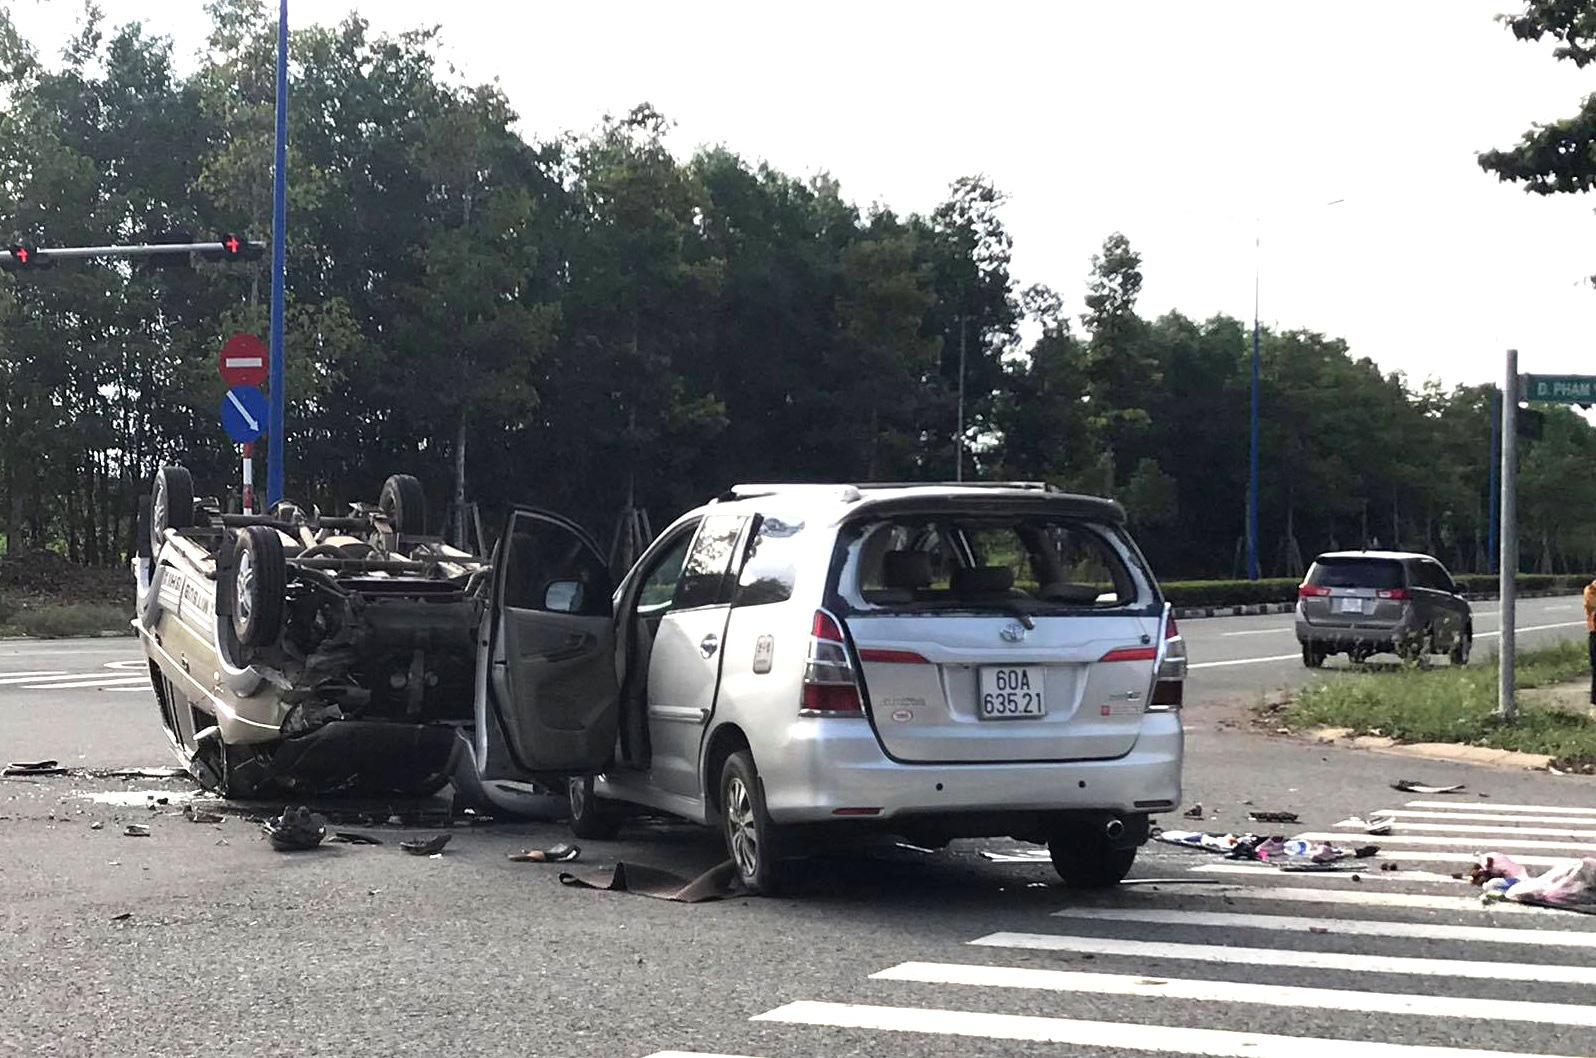 12 người cầu cứu trong 2 chiếc ô tô lật nhào tại ngã tư - Ảnh 3.